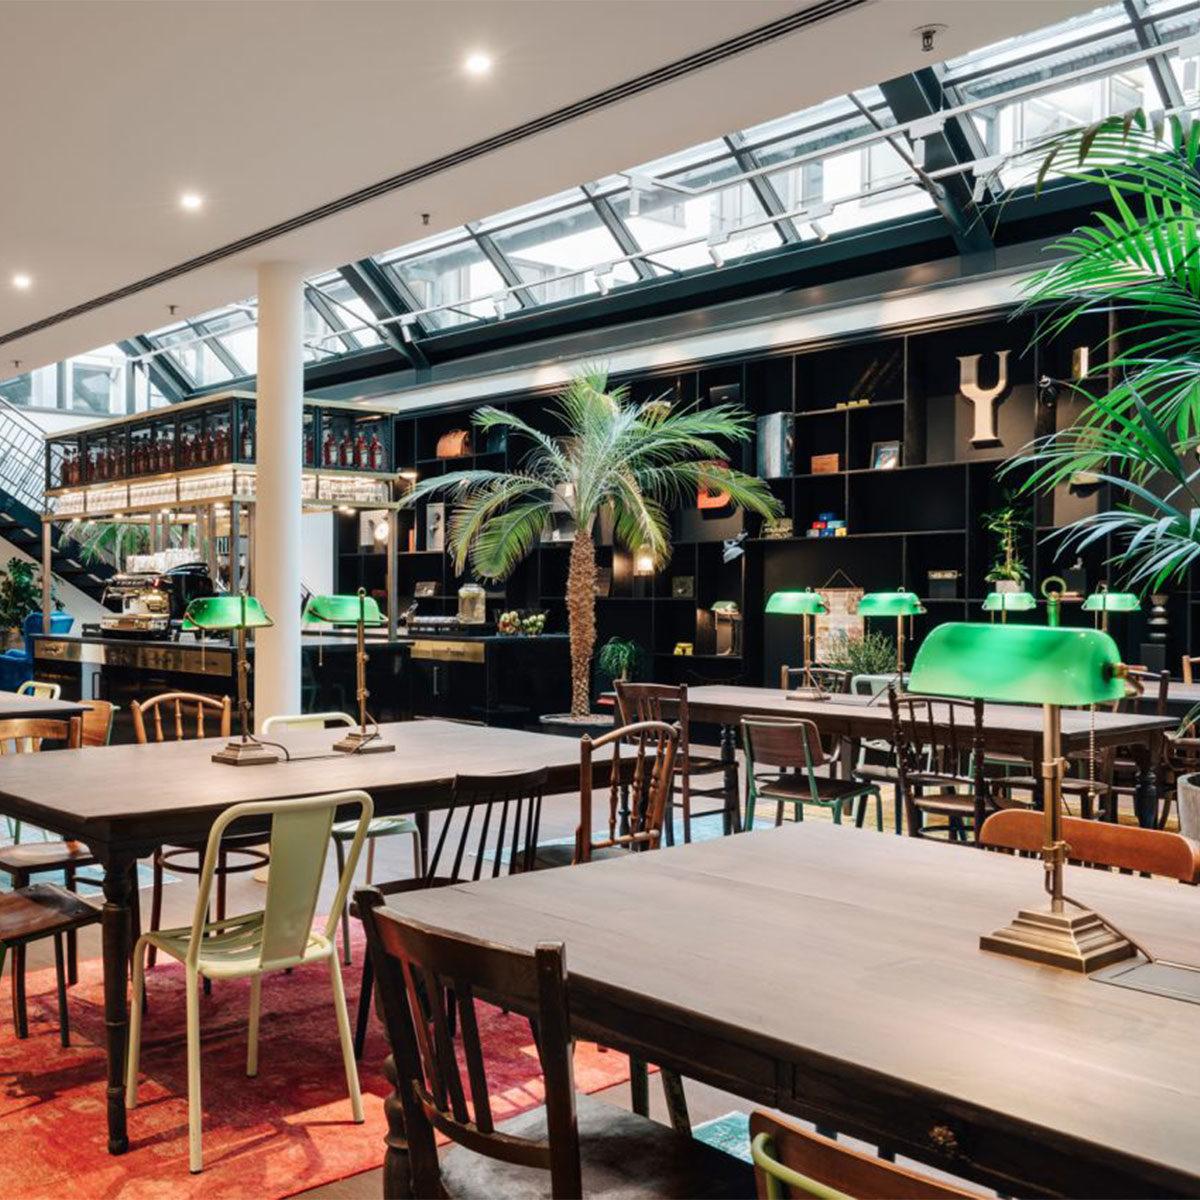 CoWorking Space Ruby Carl Düsseldorf mit Banker's Lamps auf den Tischen